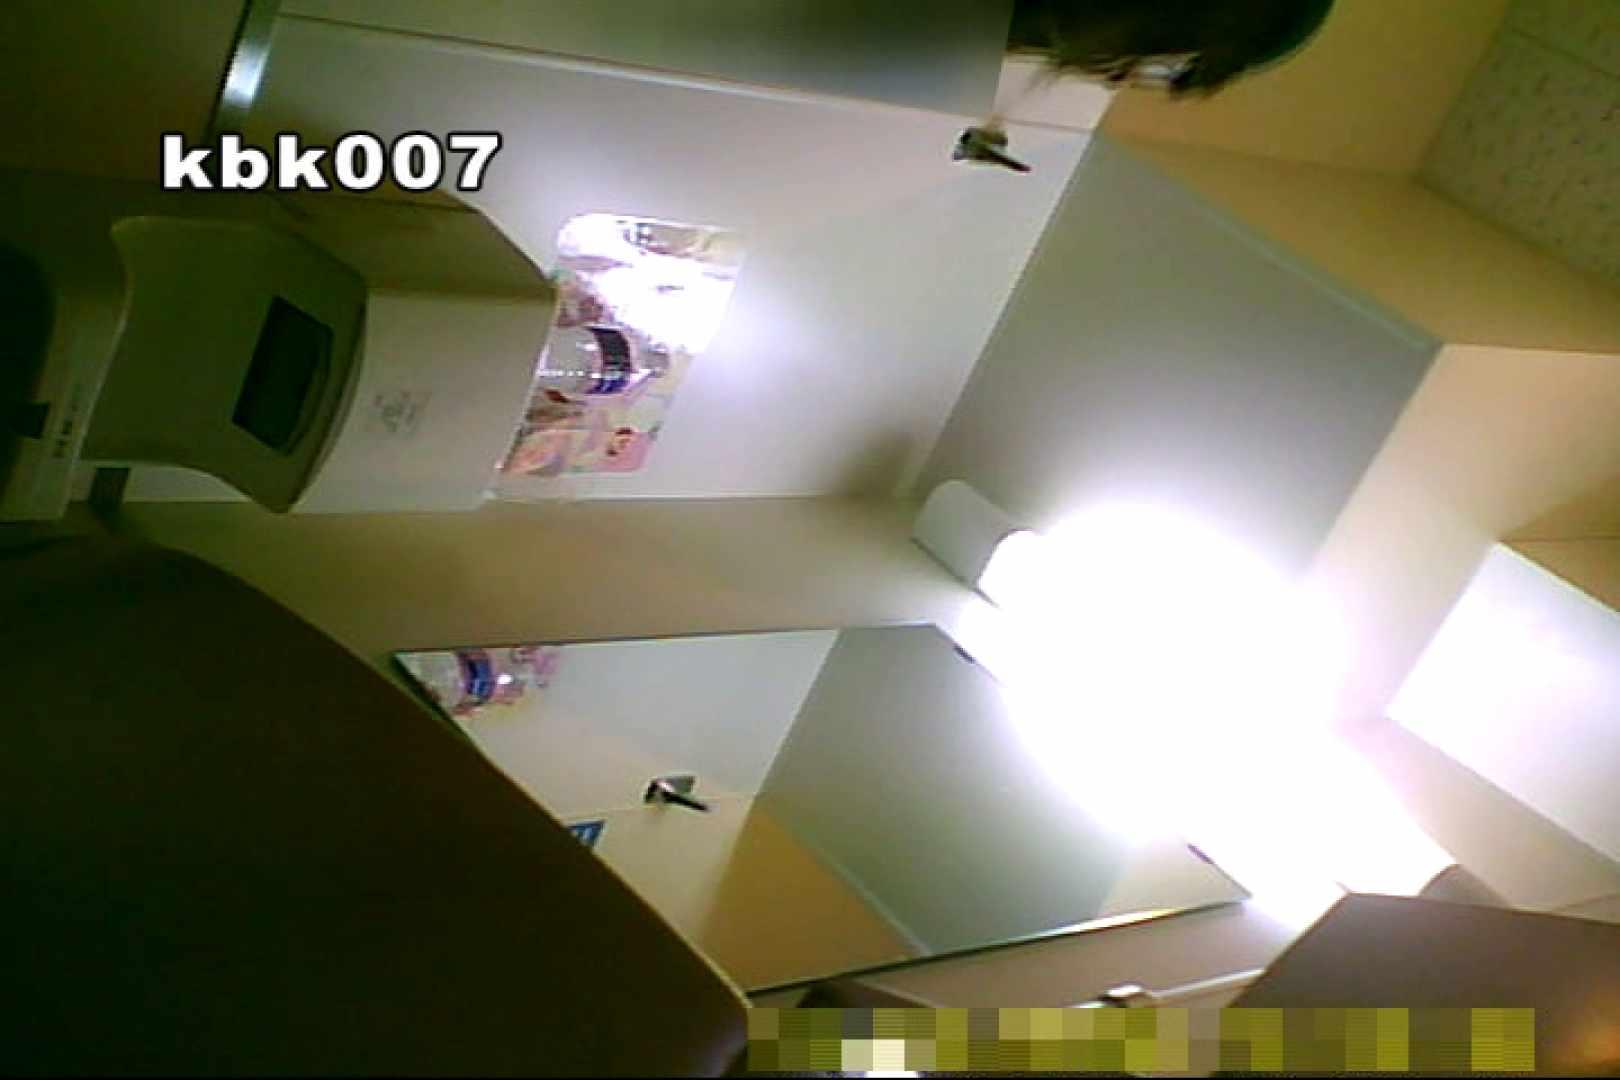 大切なことなので違う角度から2度眺めてみた vol.007 ギャル攻め オメコ動画キャプチャ 91画像 82